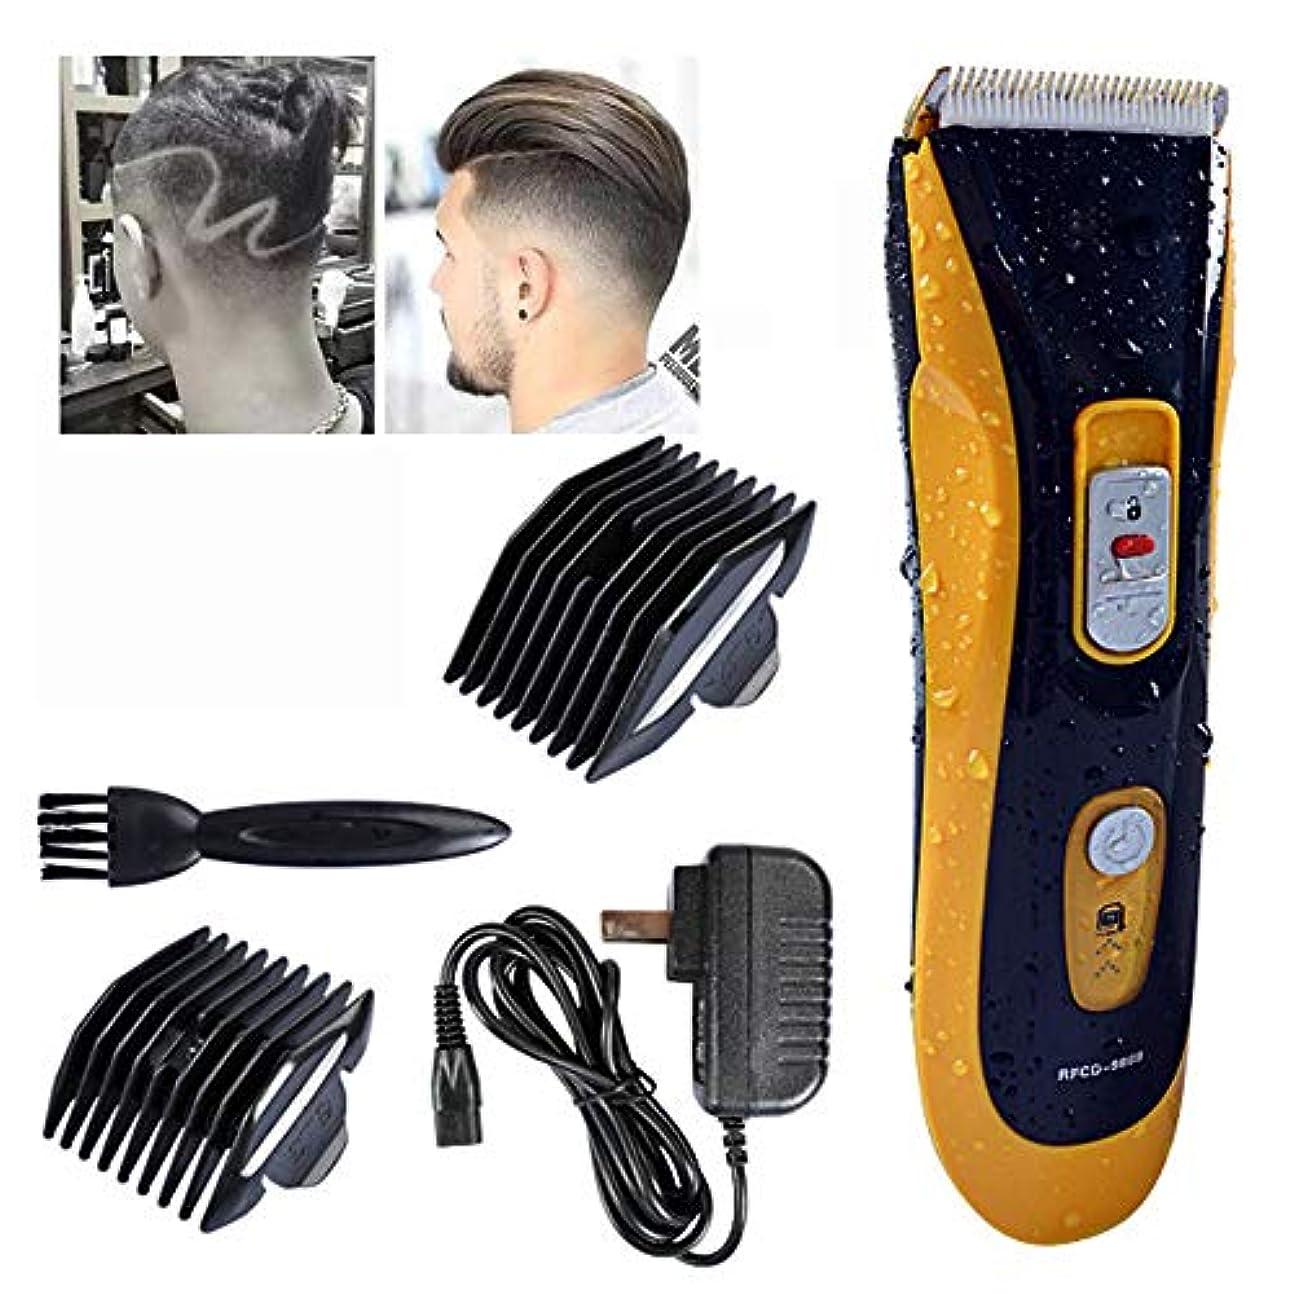 観察する九時四十五分くさびメンズバリカンミュート電動バリカン理髪プロフェッショナル電動バリカンユニバーサル電動フェーダー洗える